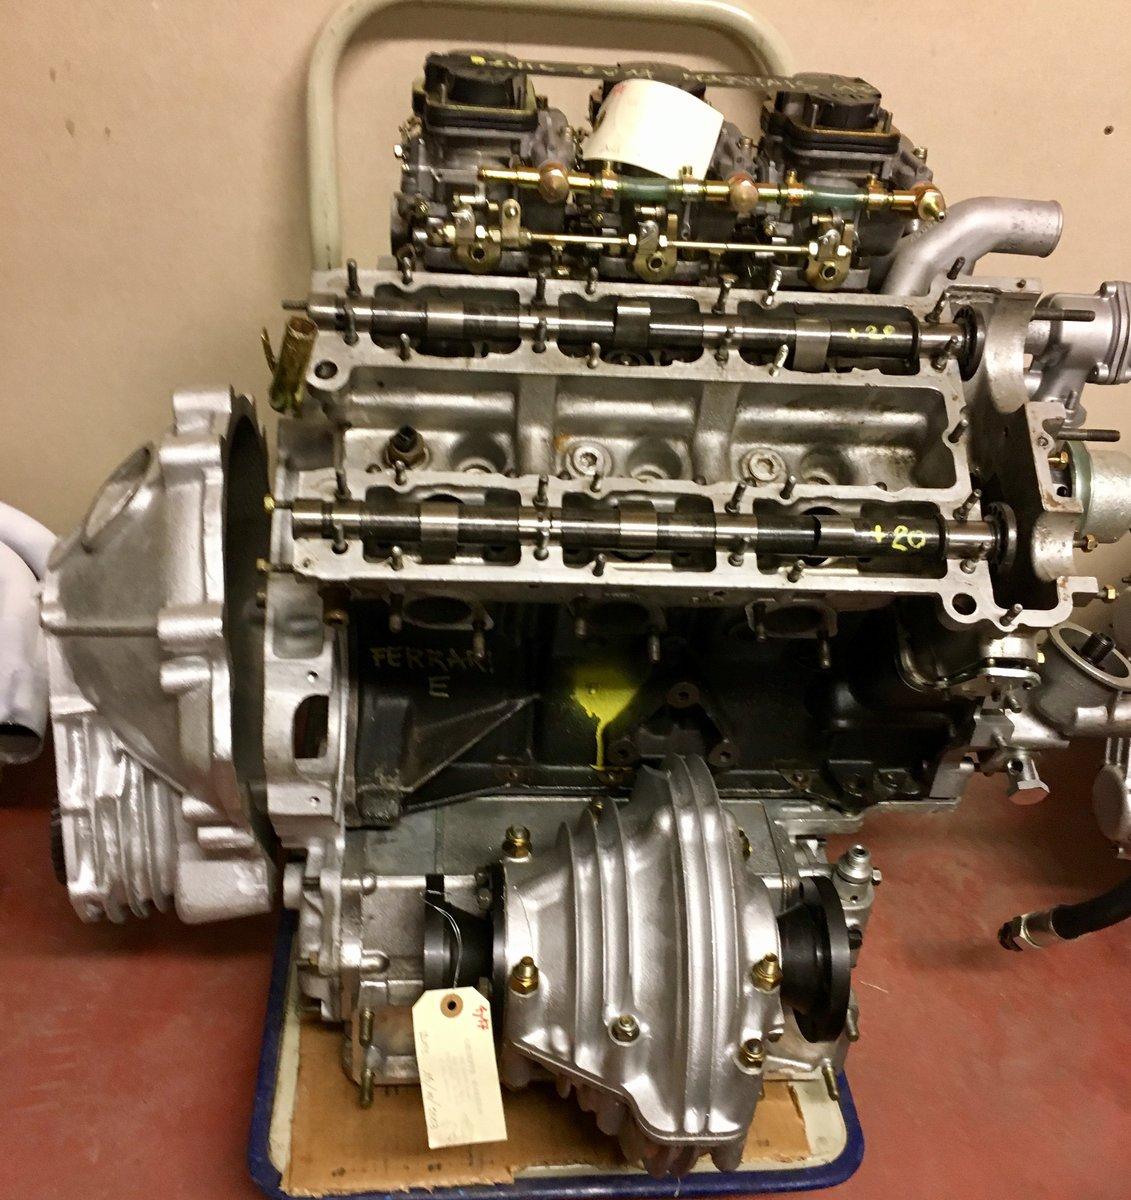 1973 Engine Transmission Ferrari Dino 246 E For Sale (picture 1 of 3)